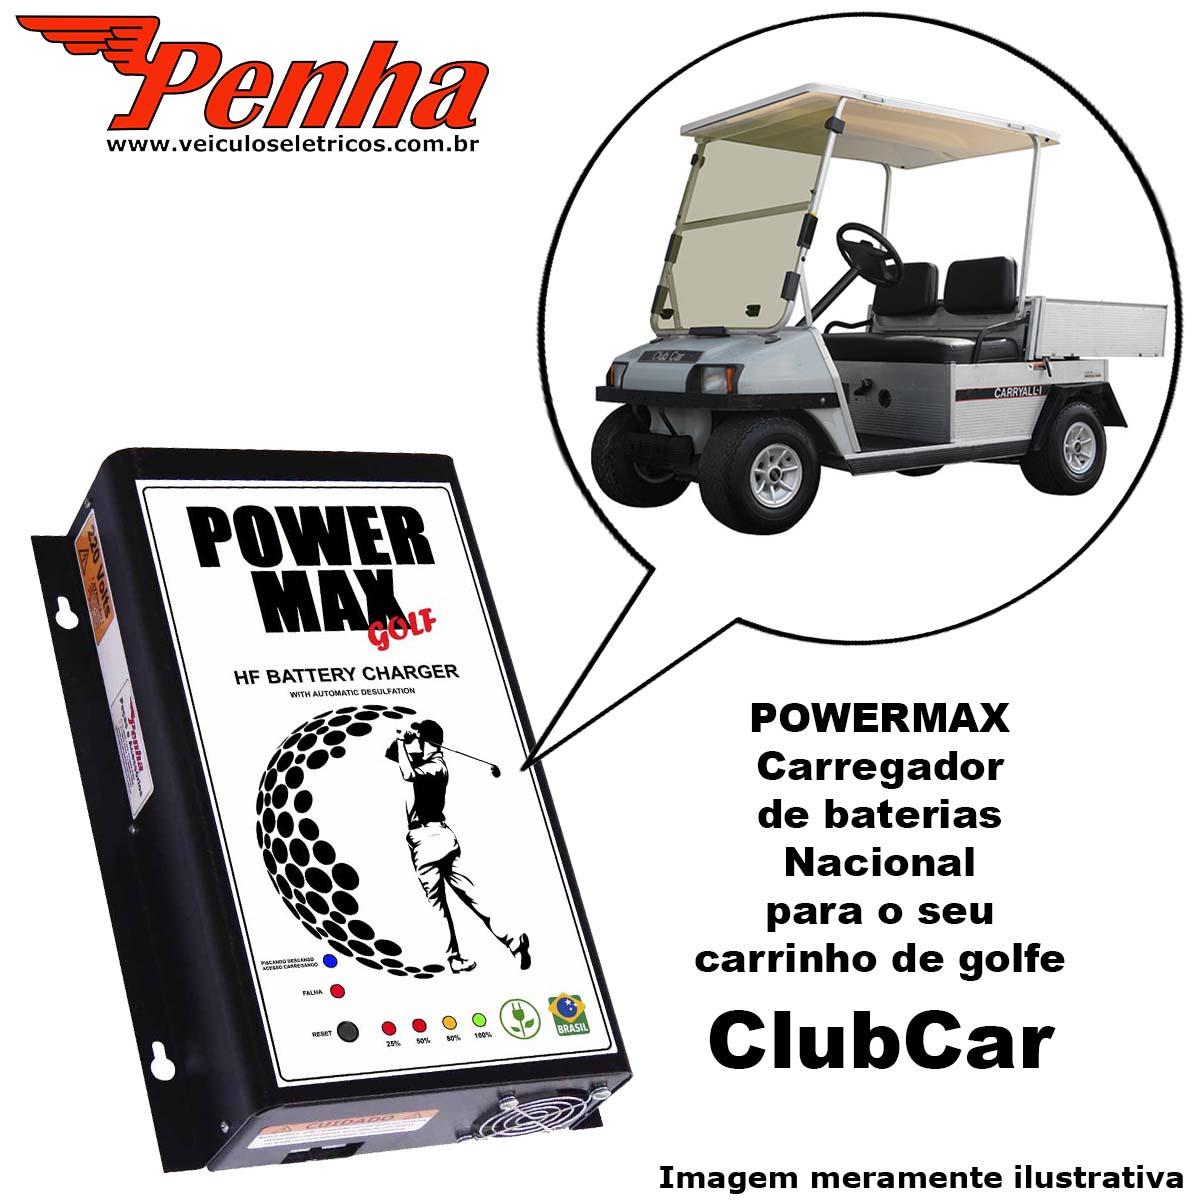 Carregador de Baterias para golf cart Club Car 36 Volts (Antigo)